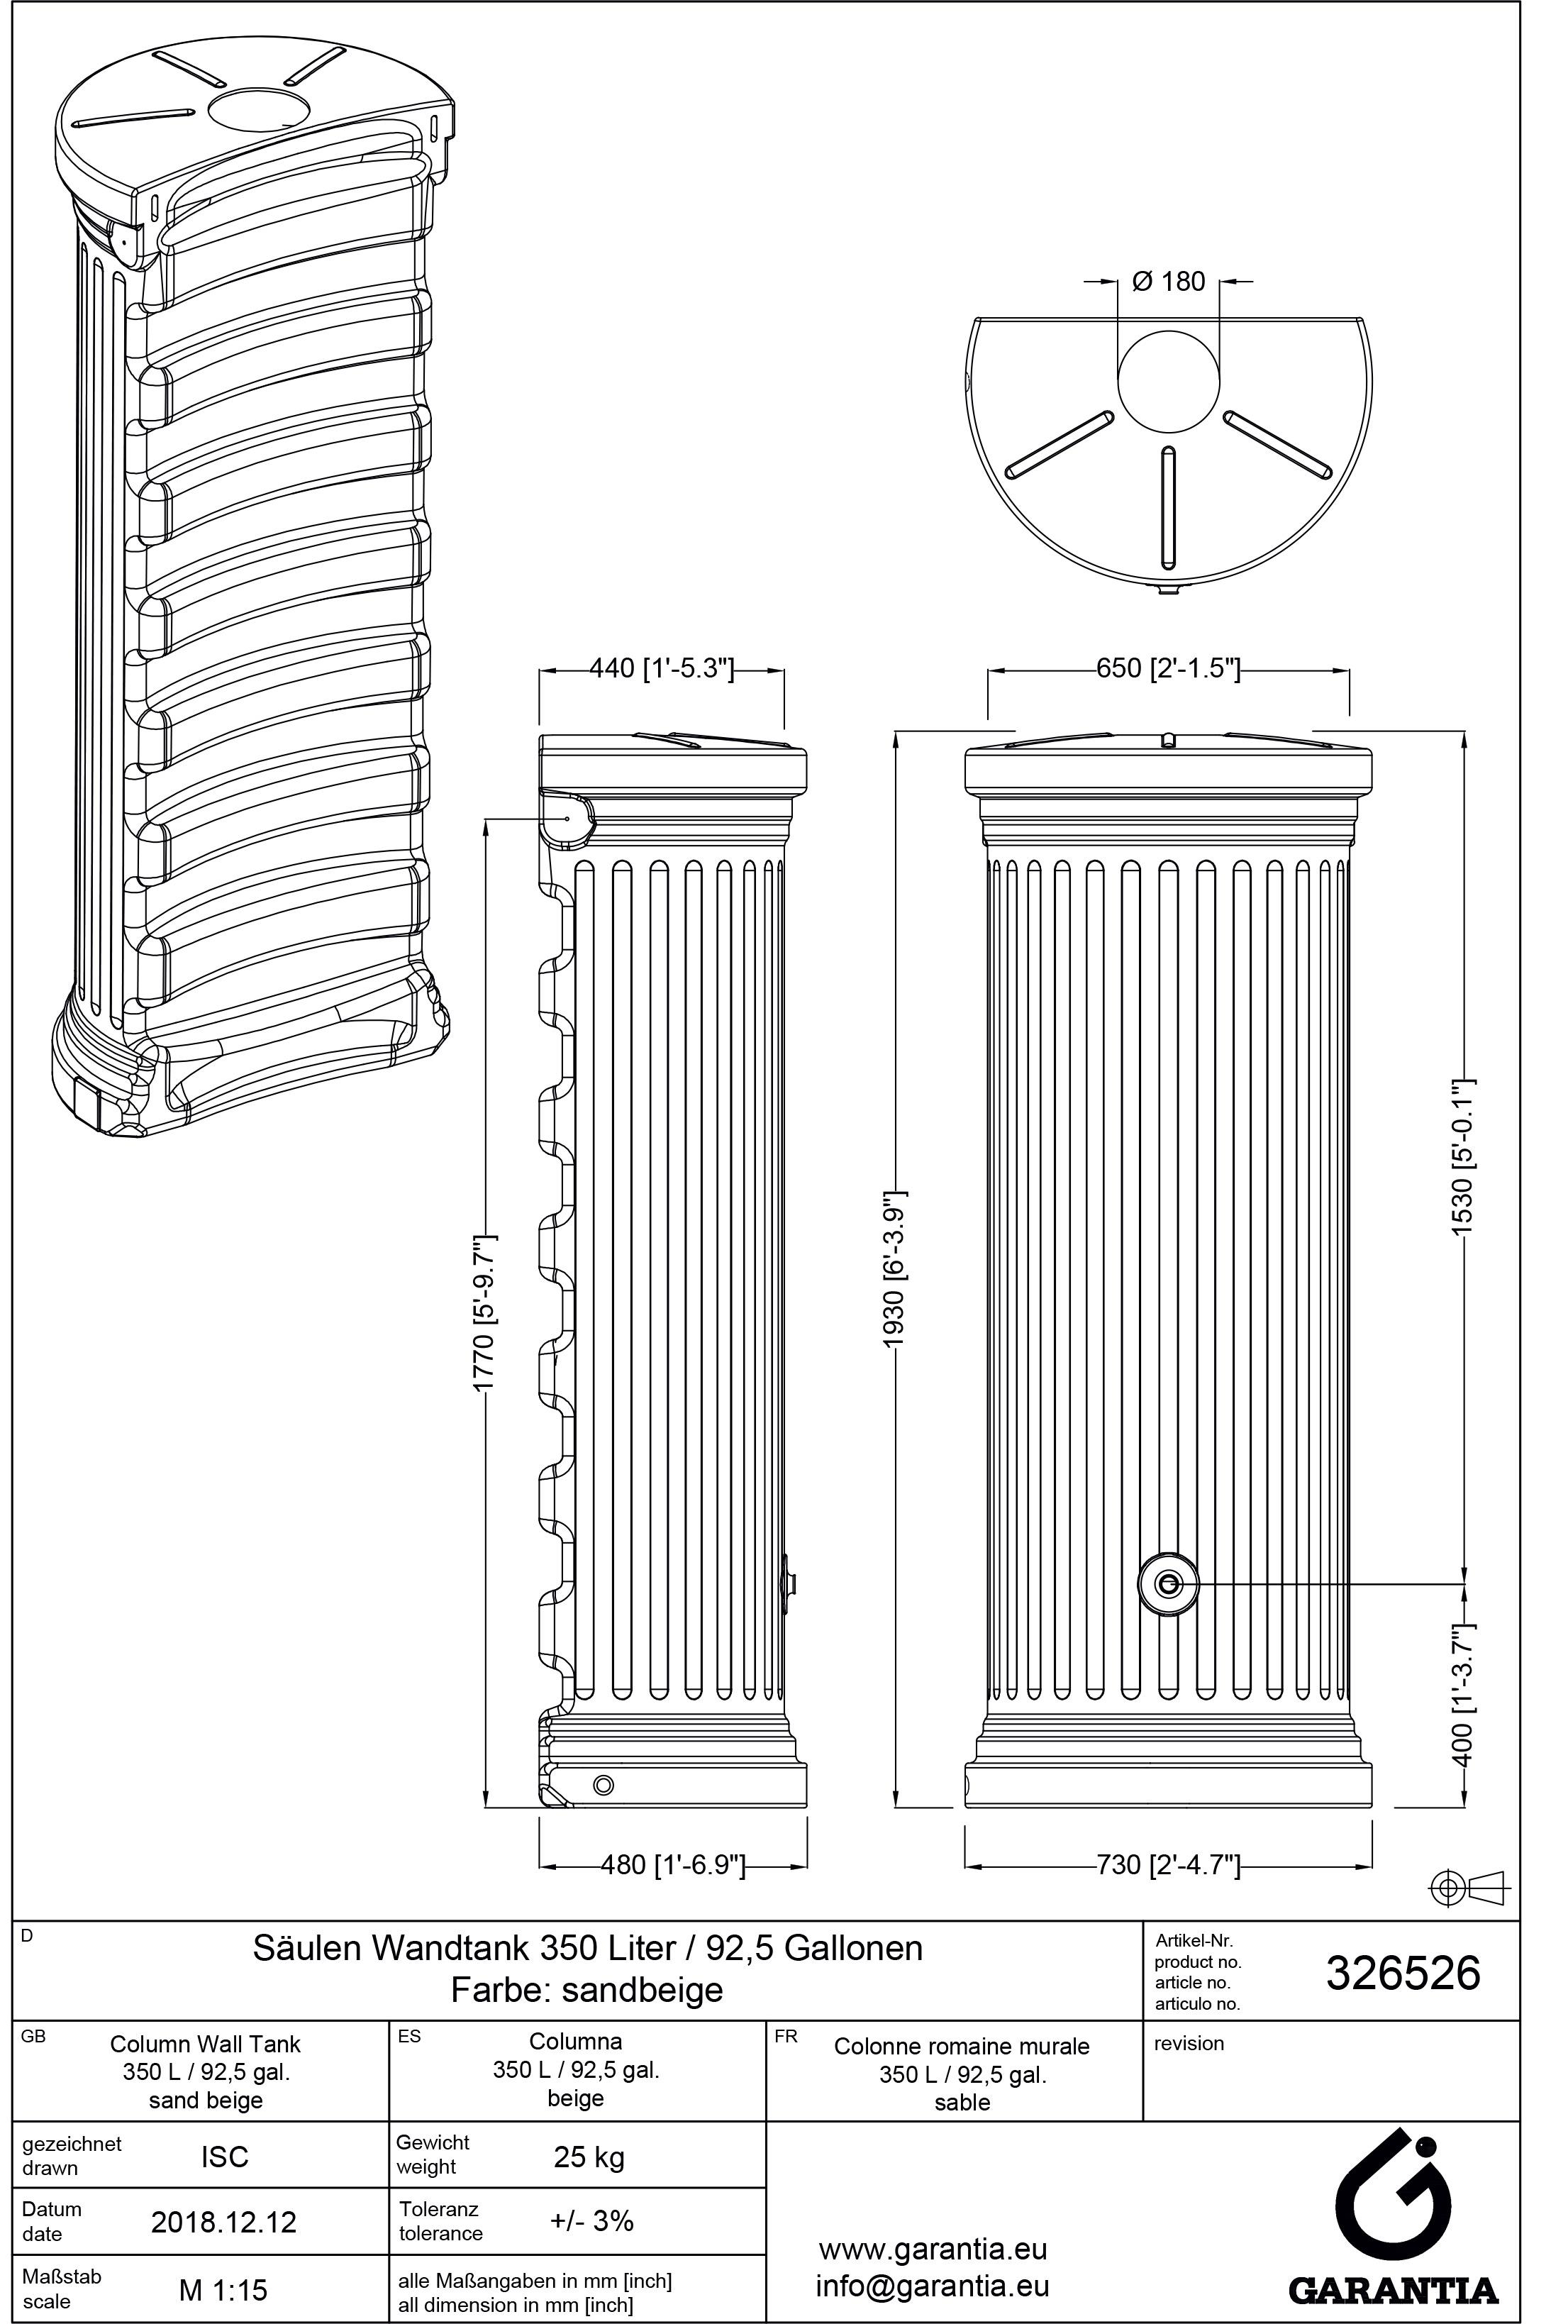 Установка ємності для збору води Колона, розміри